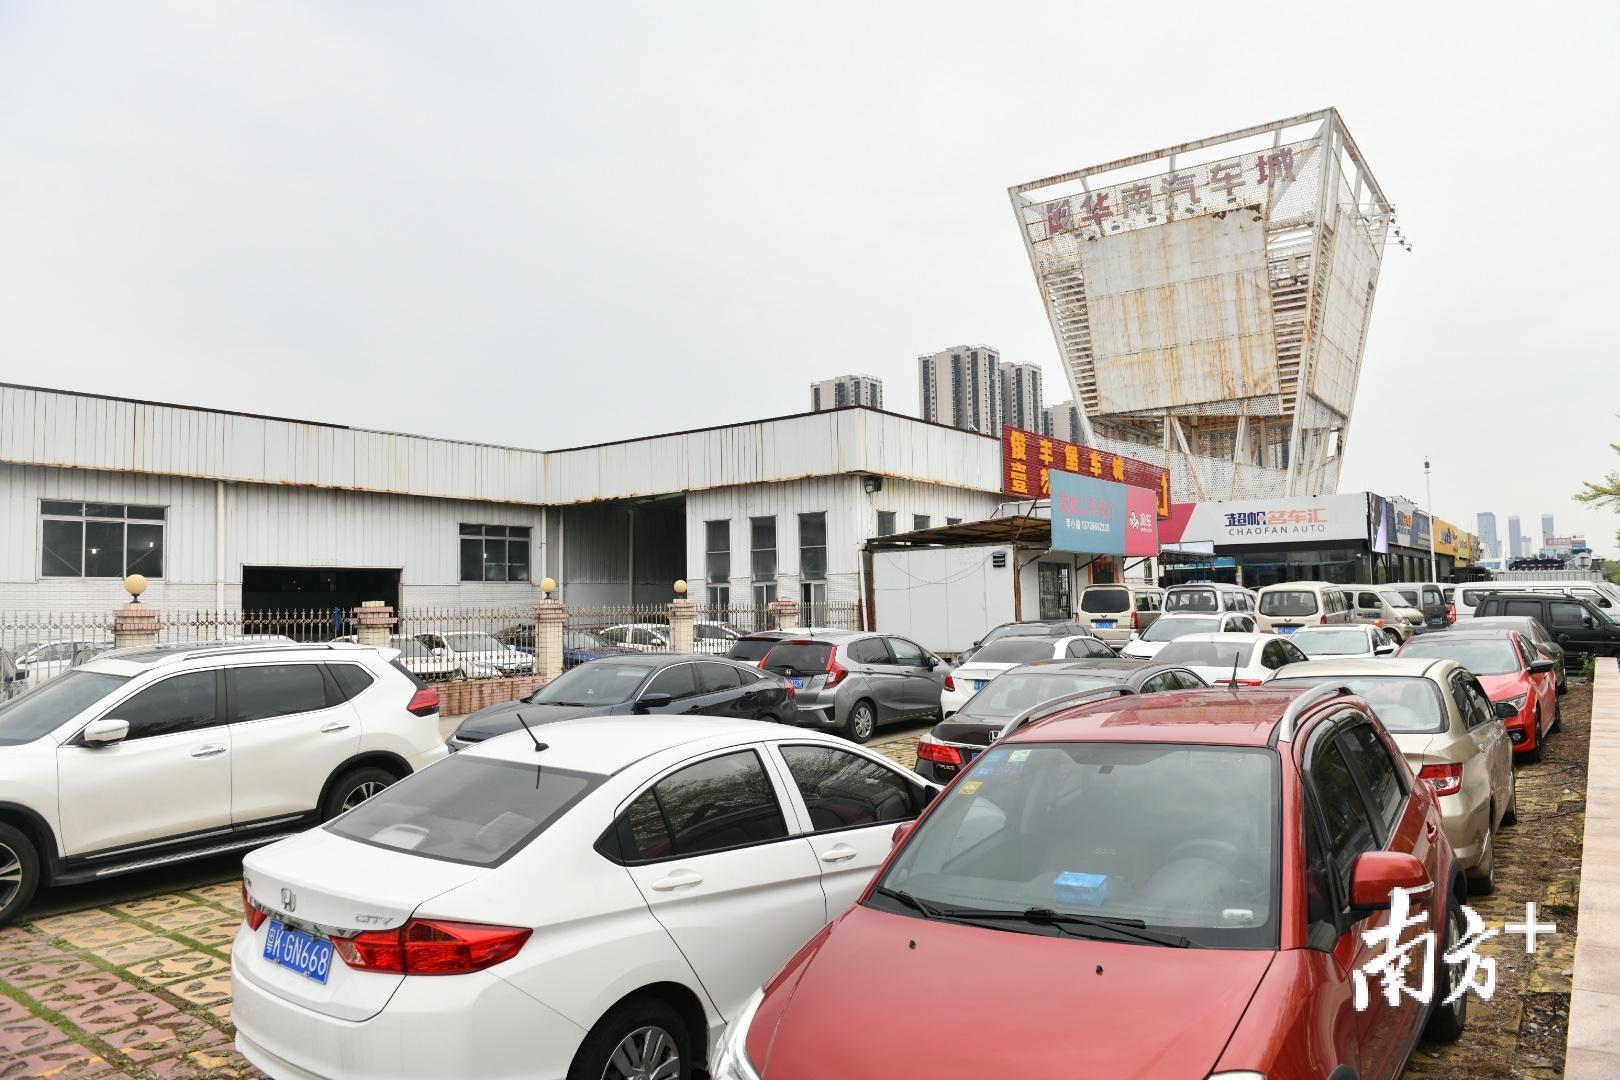 建设于1999年的华南汽车城是爱车小镇的前身。戴嘉信 摄